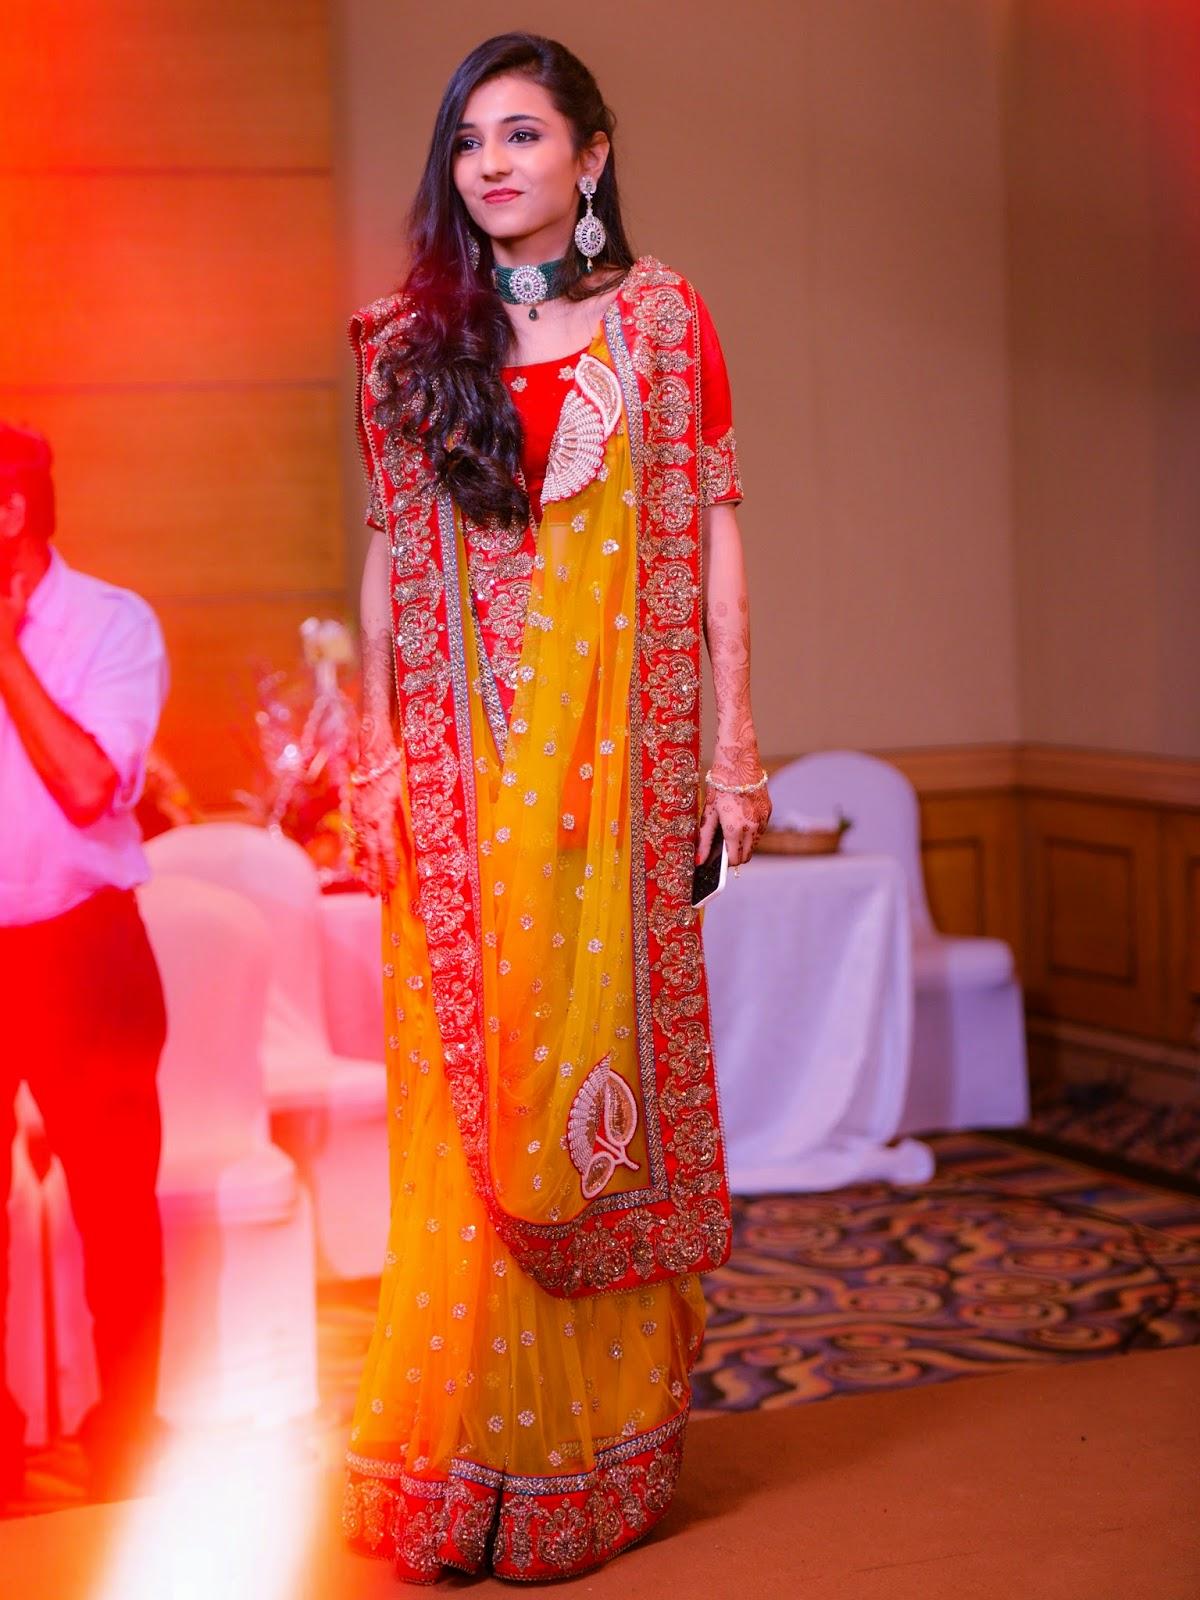 befunky style saree styles marathi fashions drape clicks drapes